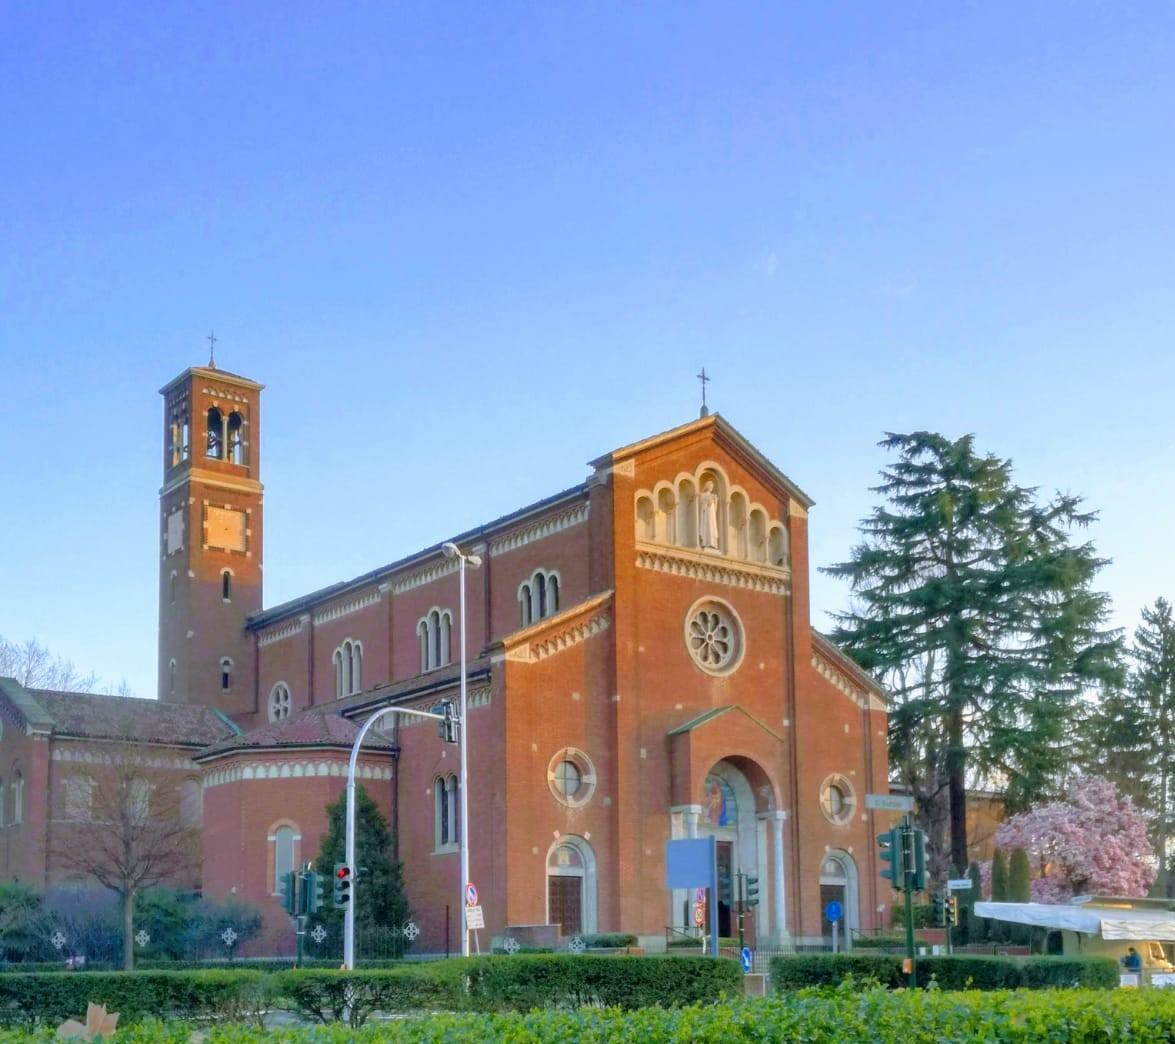 Convento di Monza